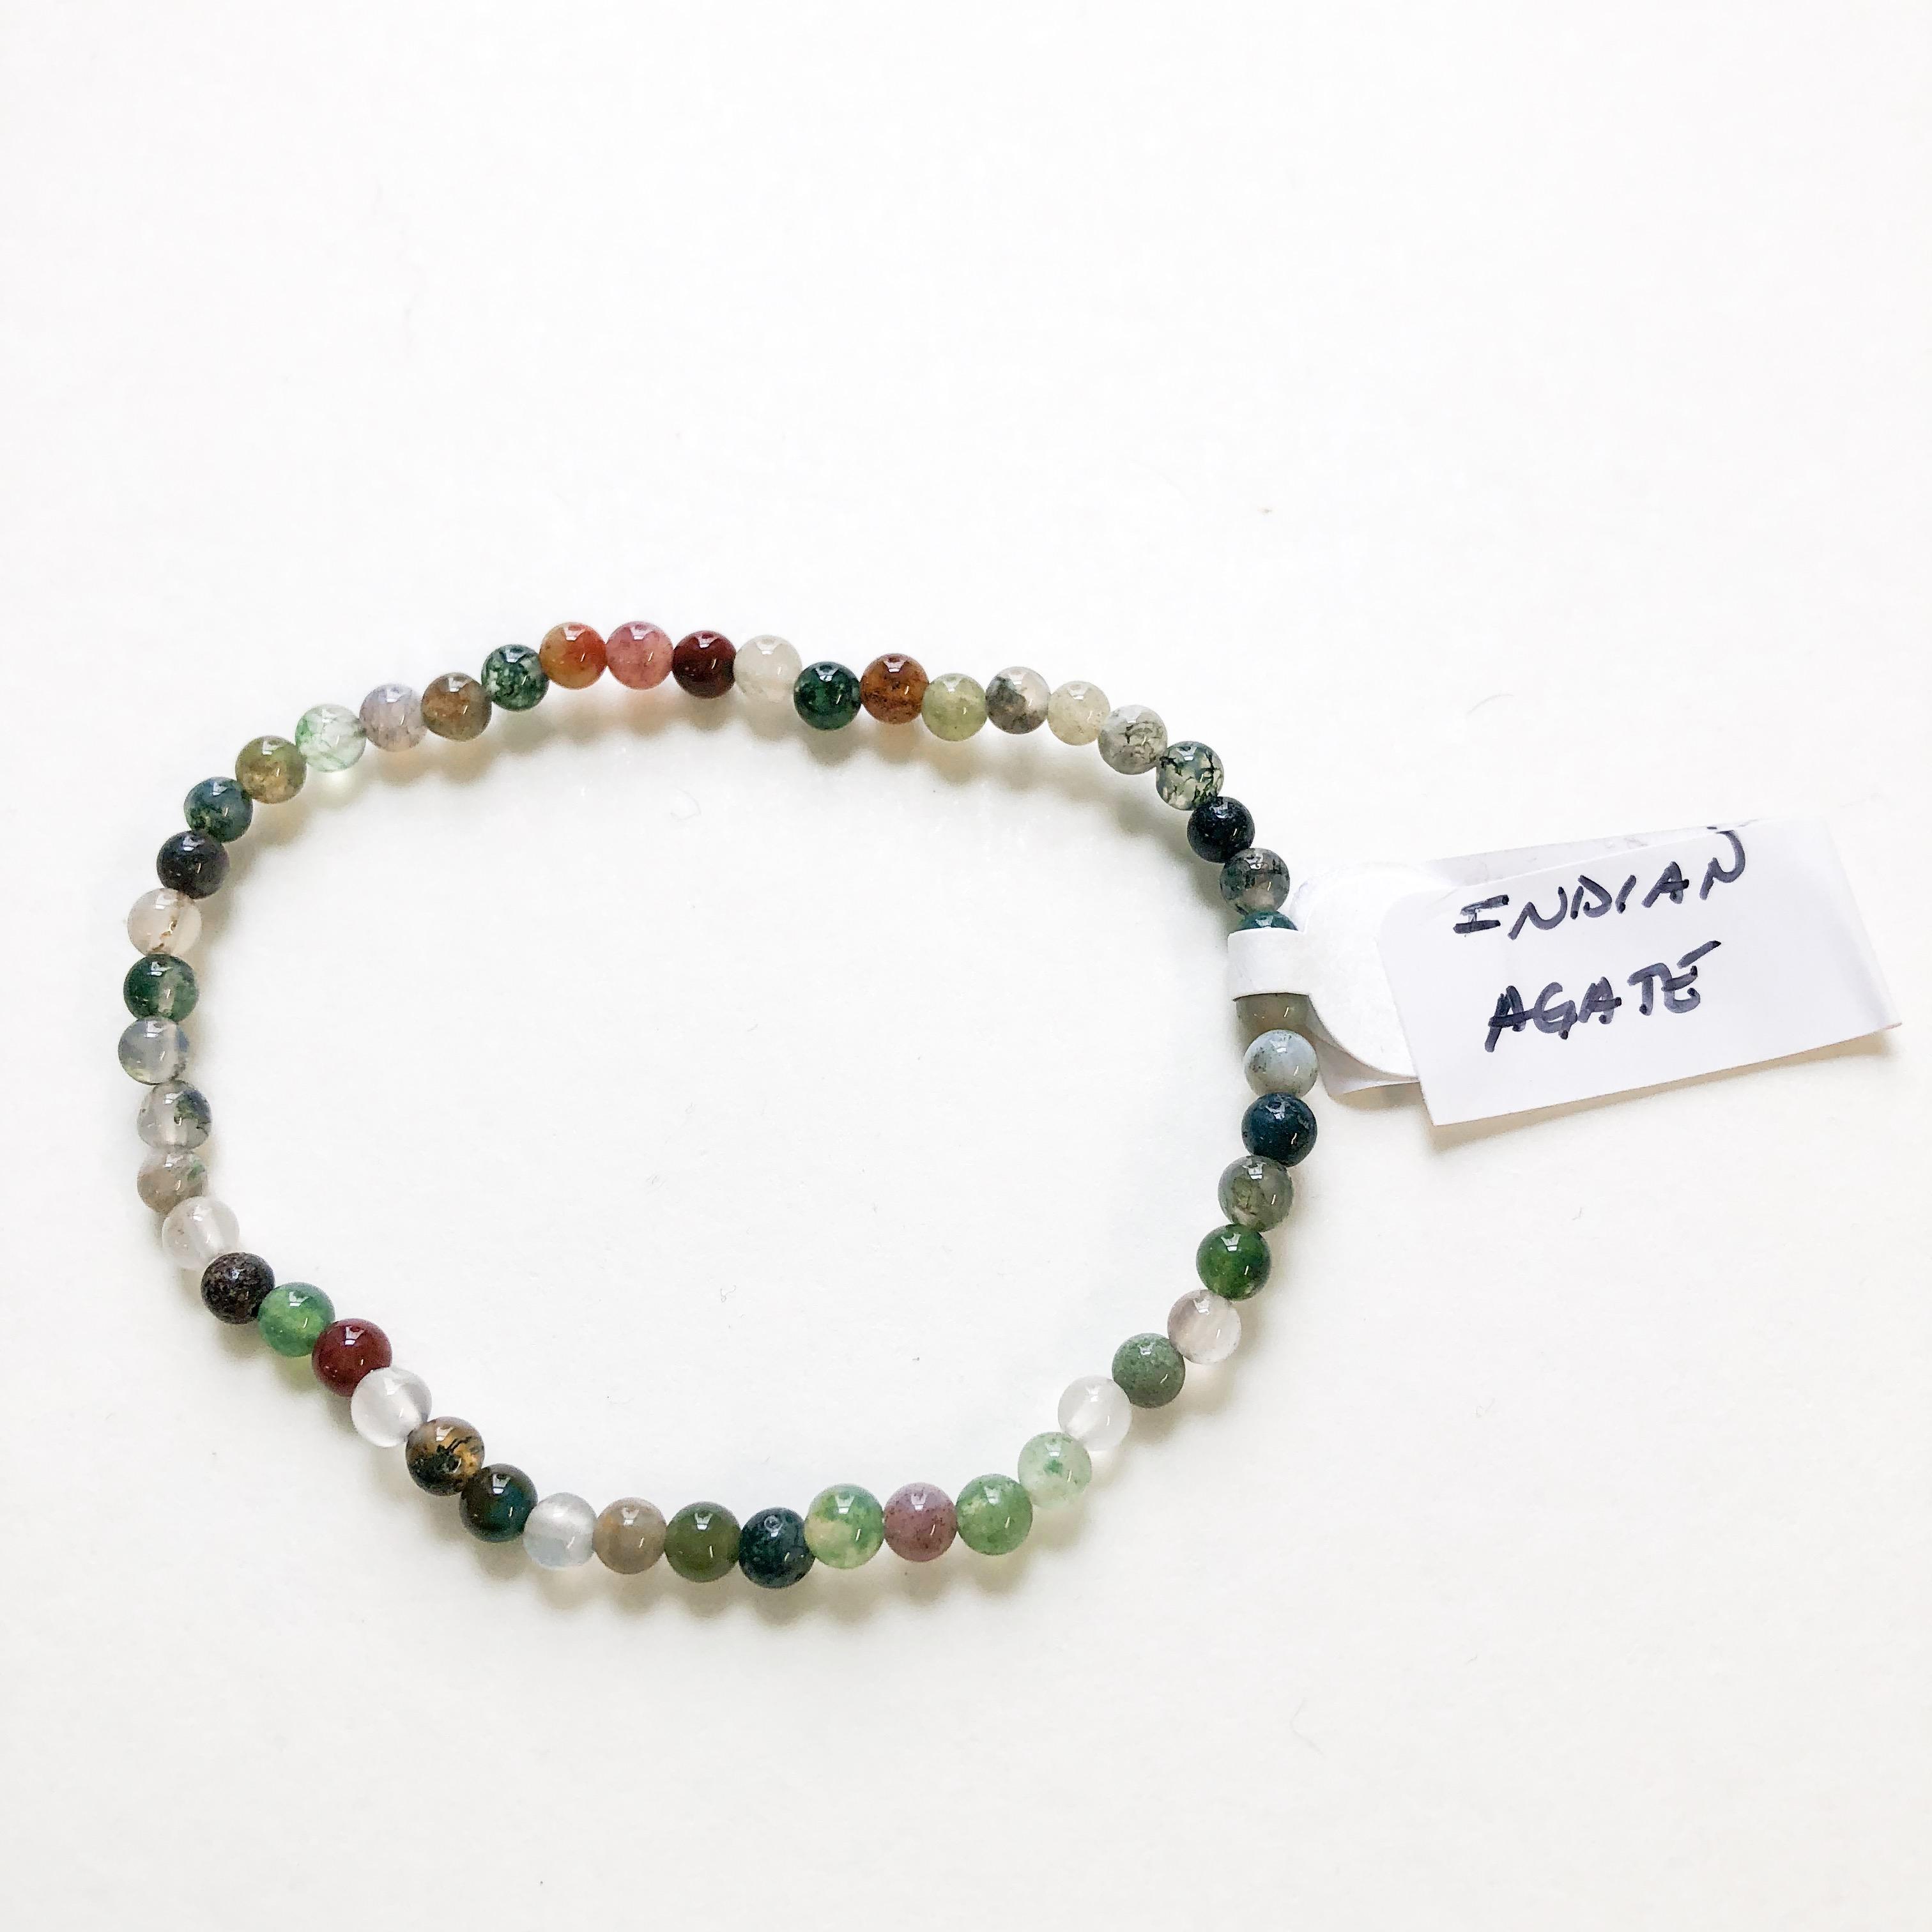 53752661fcb61 Indian Agate Bracelet 4 mm